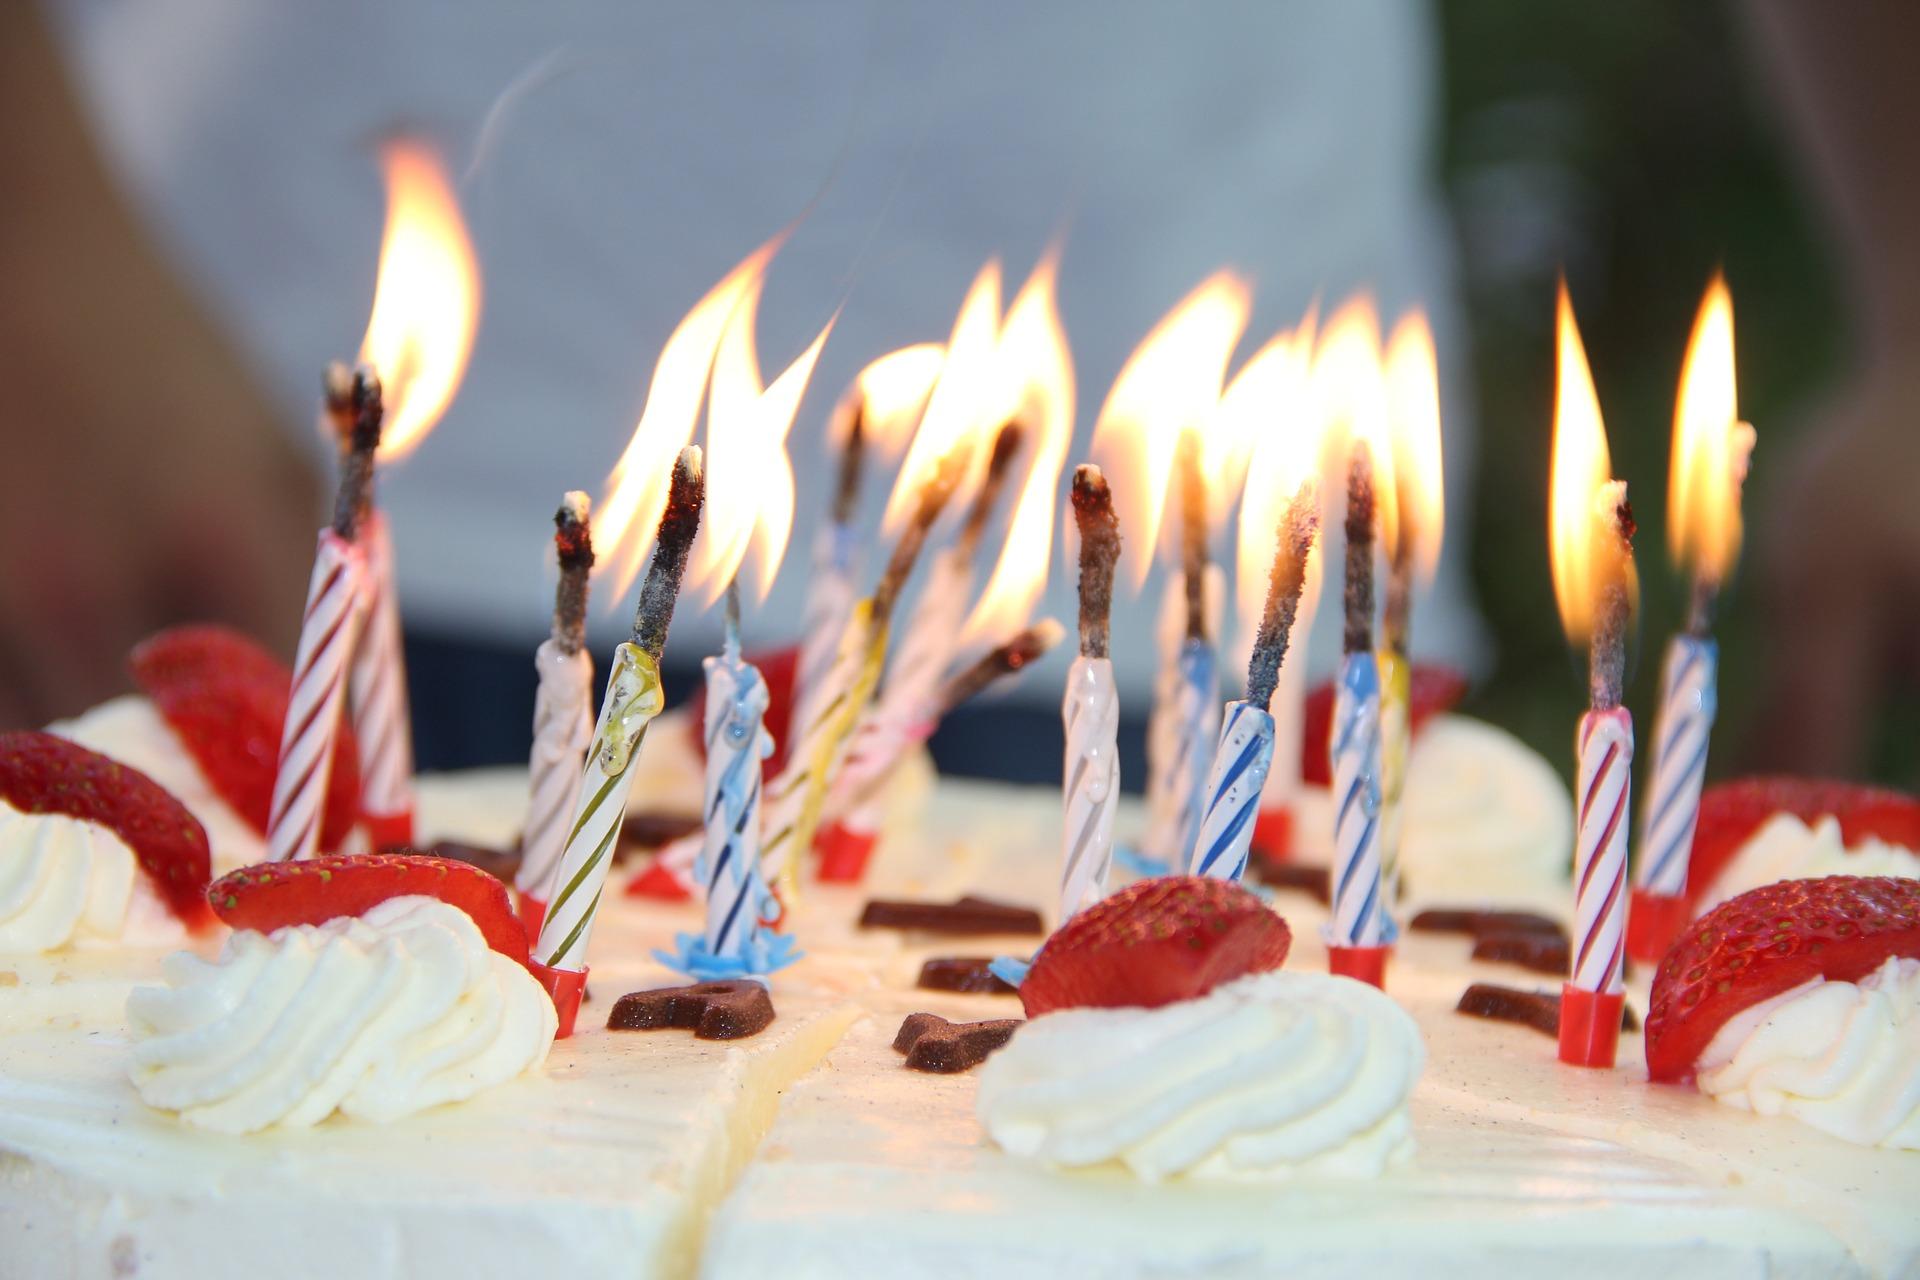 למה כדאי להזמין עוגה מיוחדת למבוגרים?